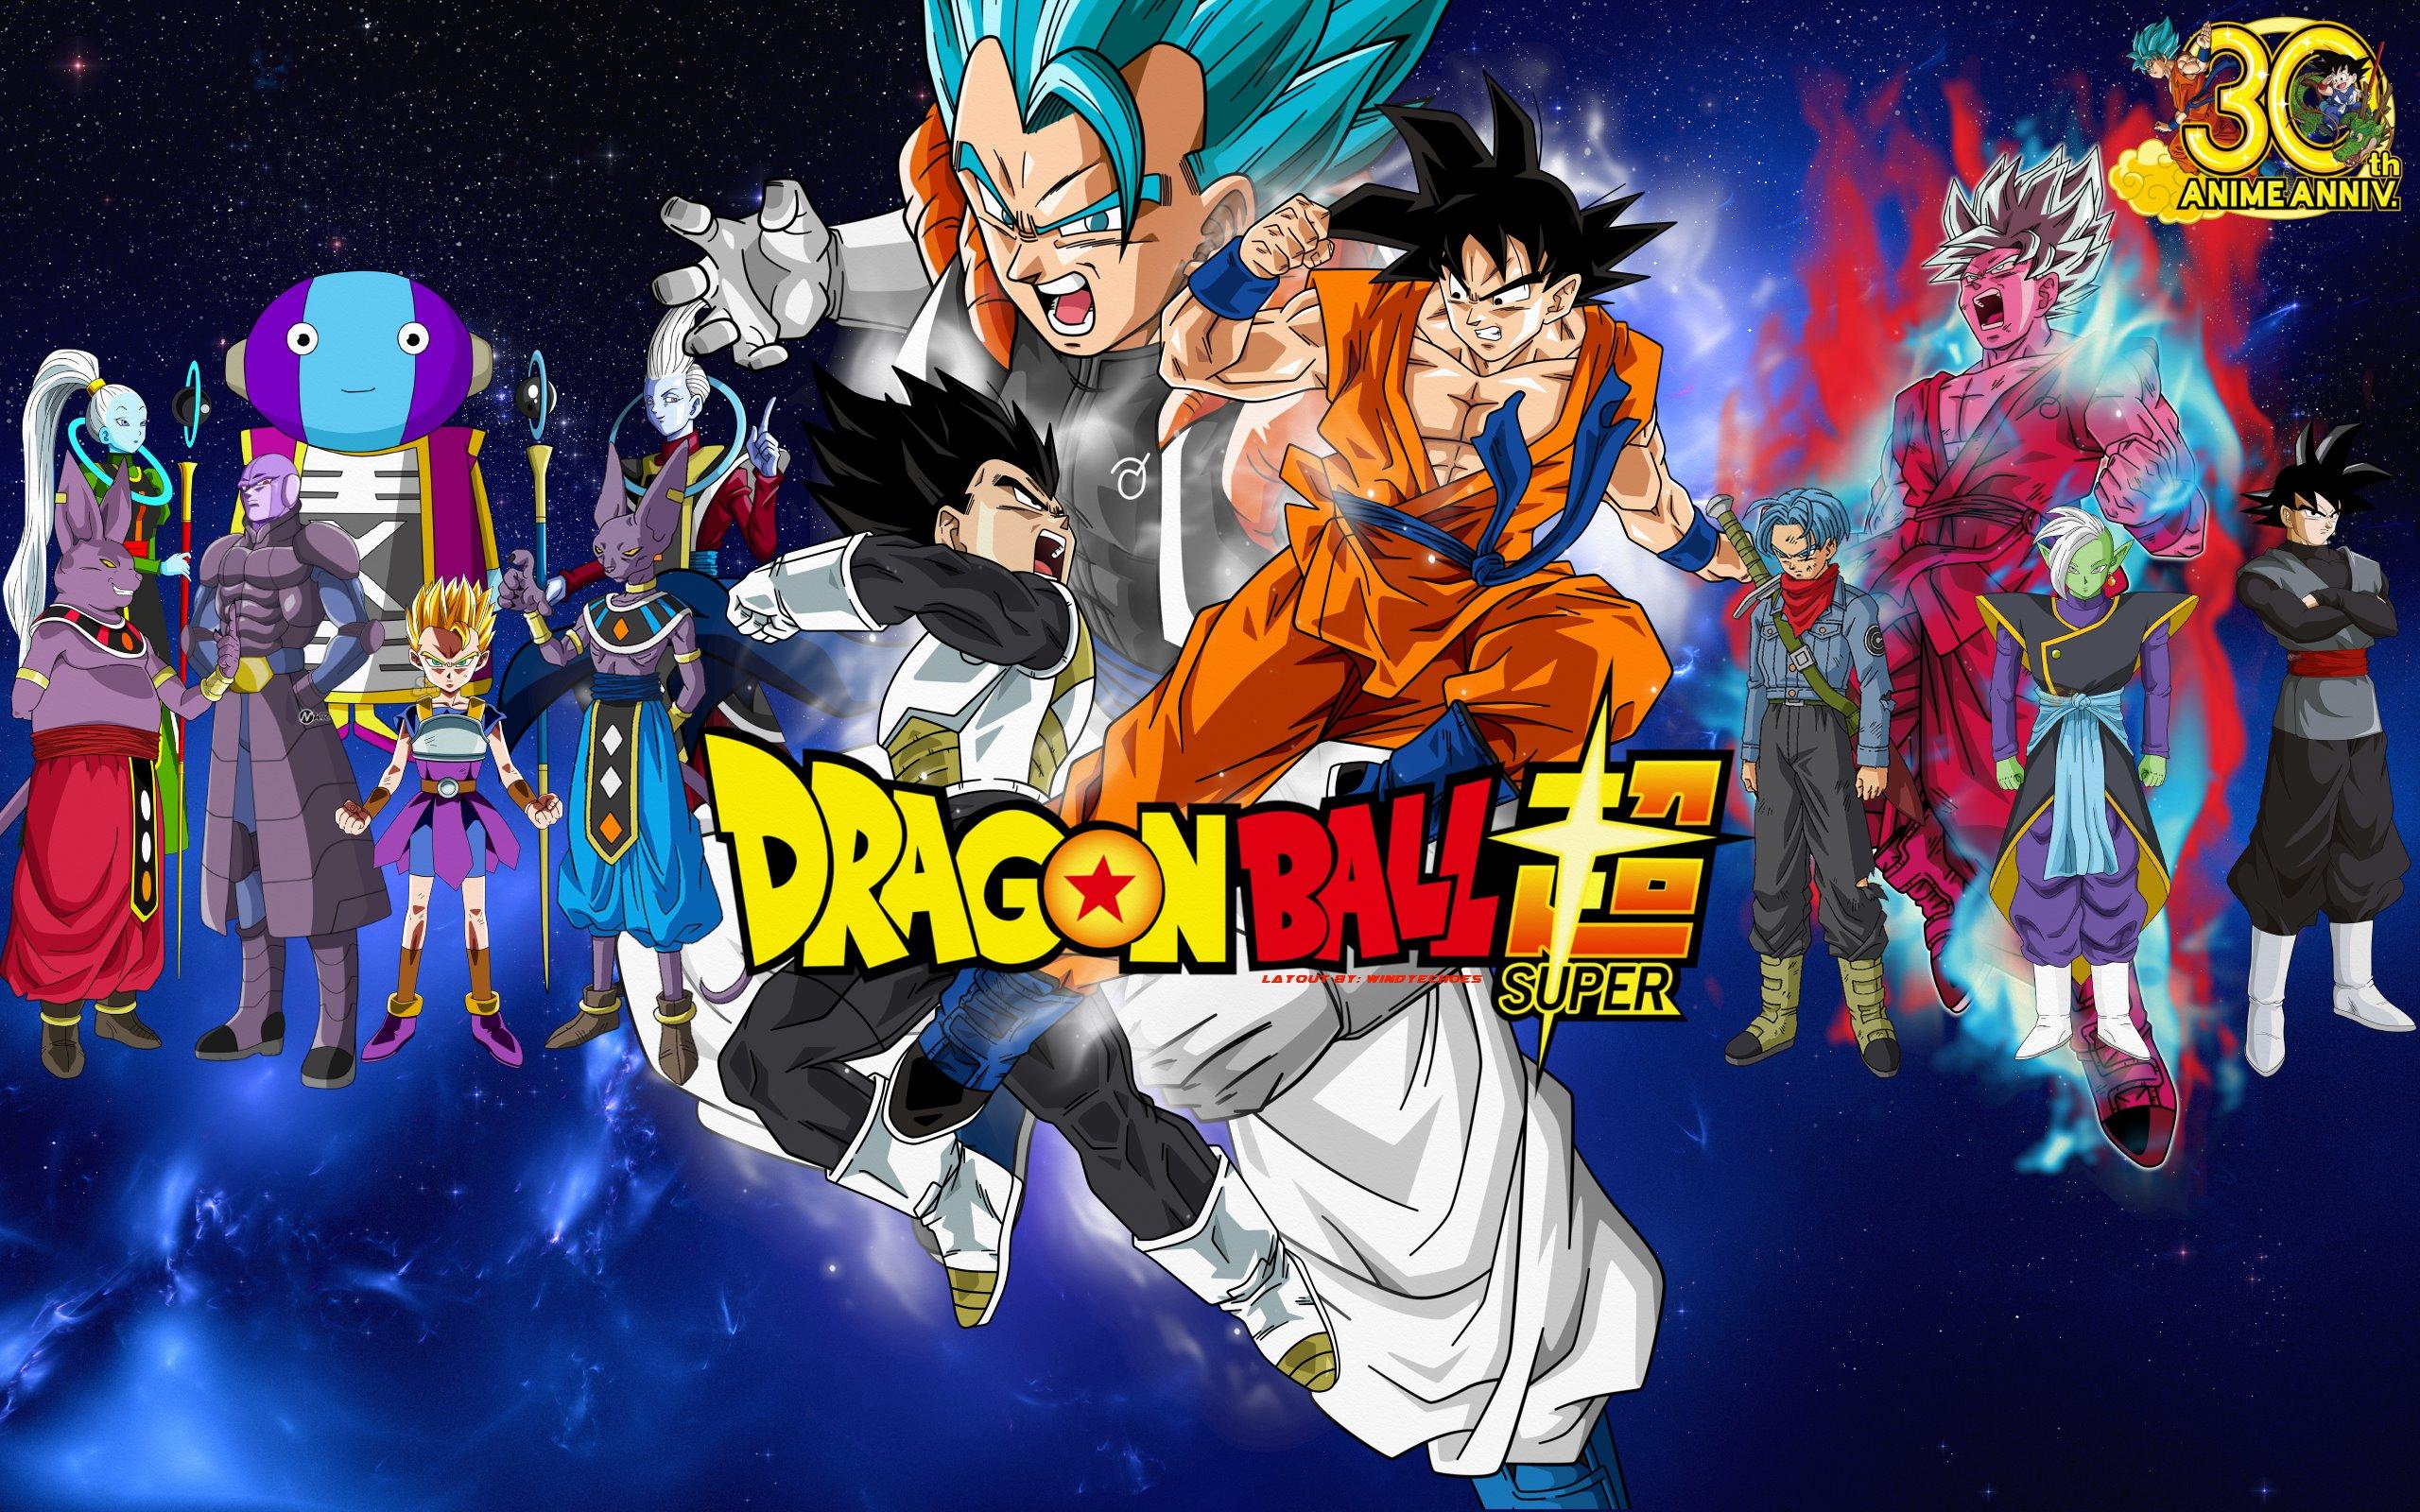 Dragon Ball Super Fond D Ecran Hd Arriere Plan 2560x1600